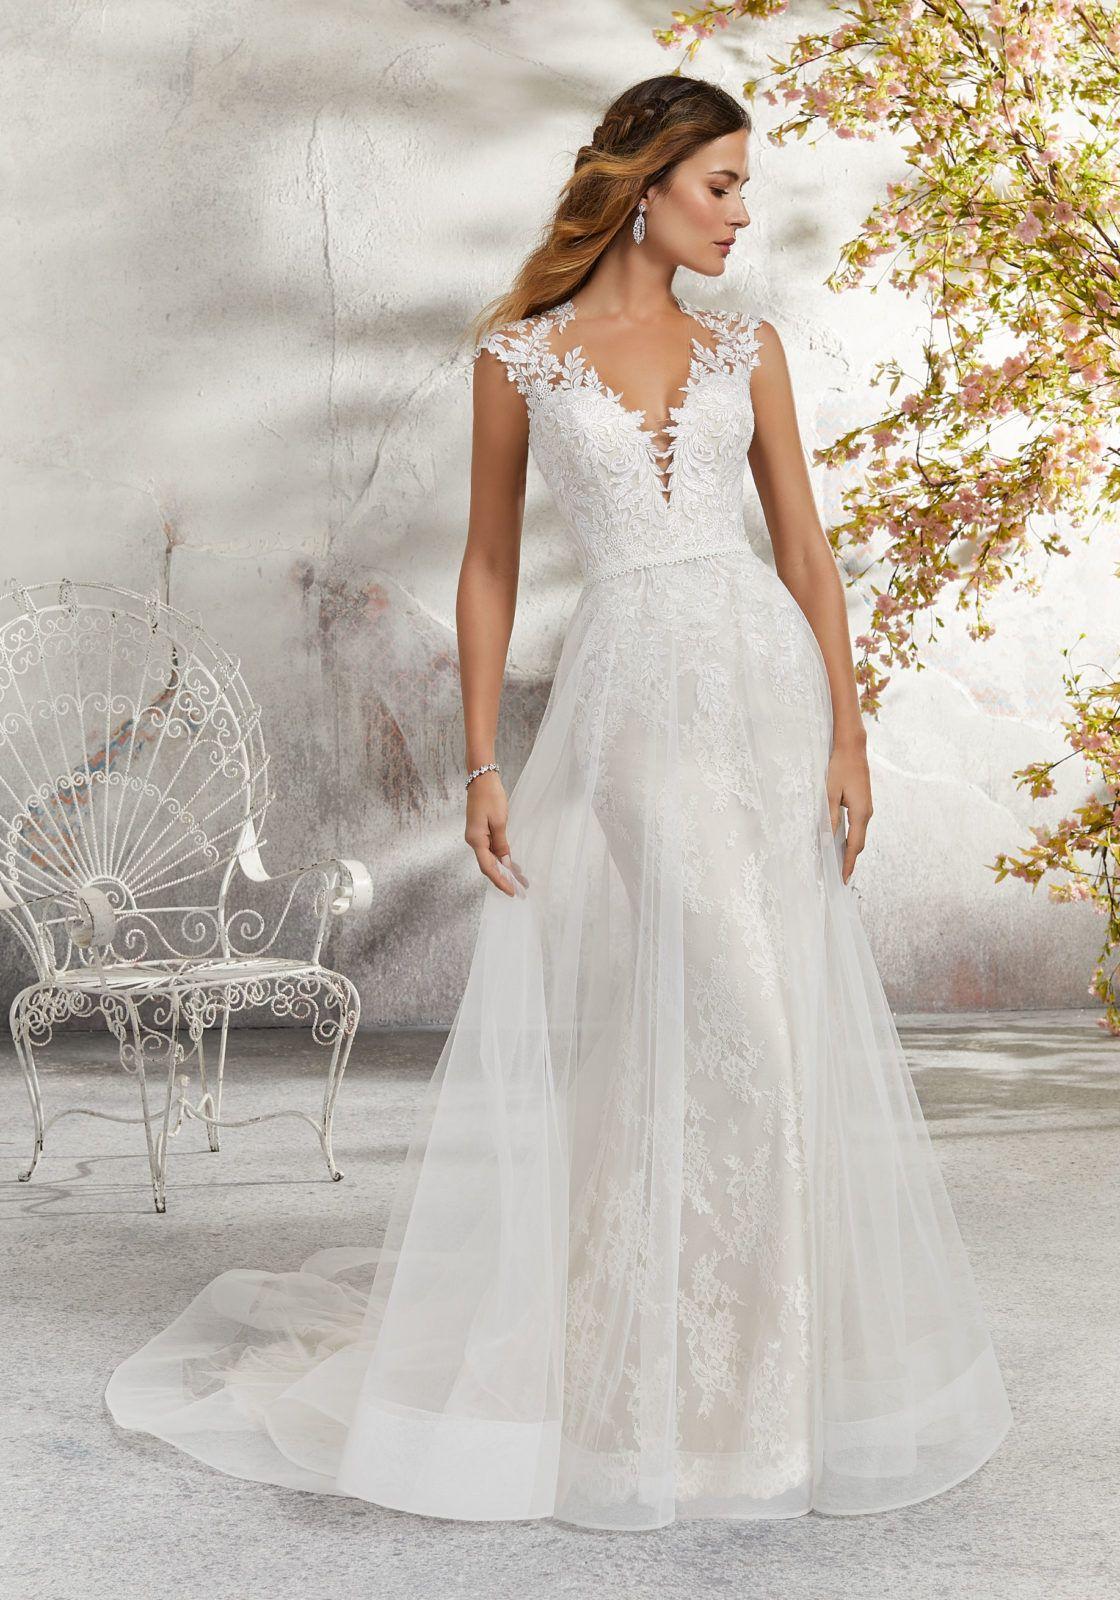 Lenore wedding dress morilee madeline gardner pinterest